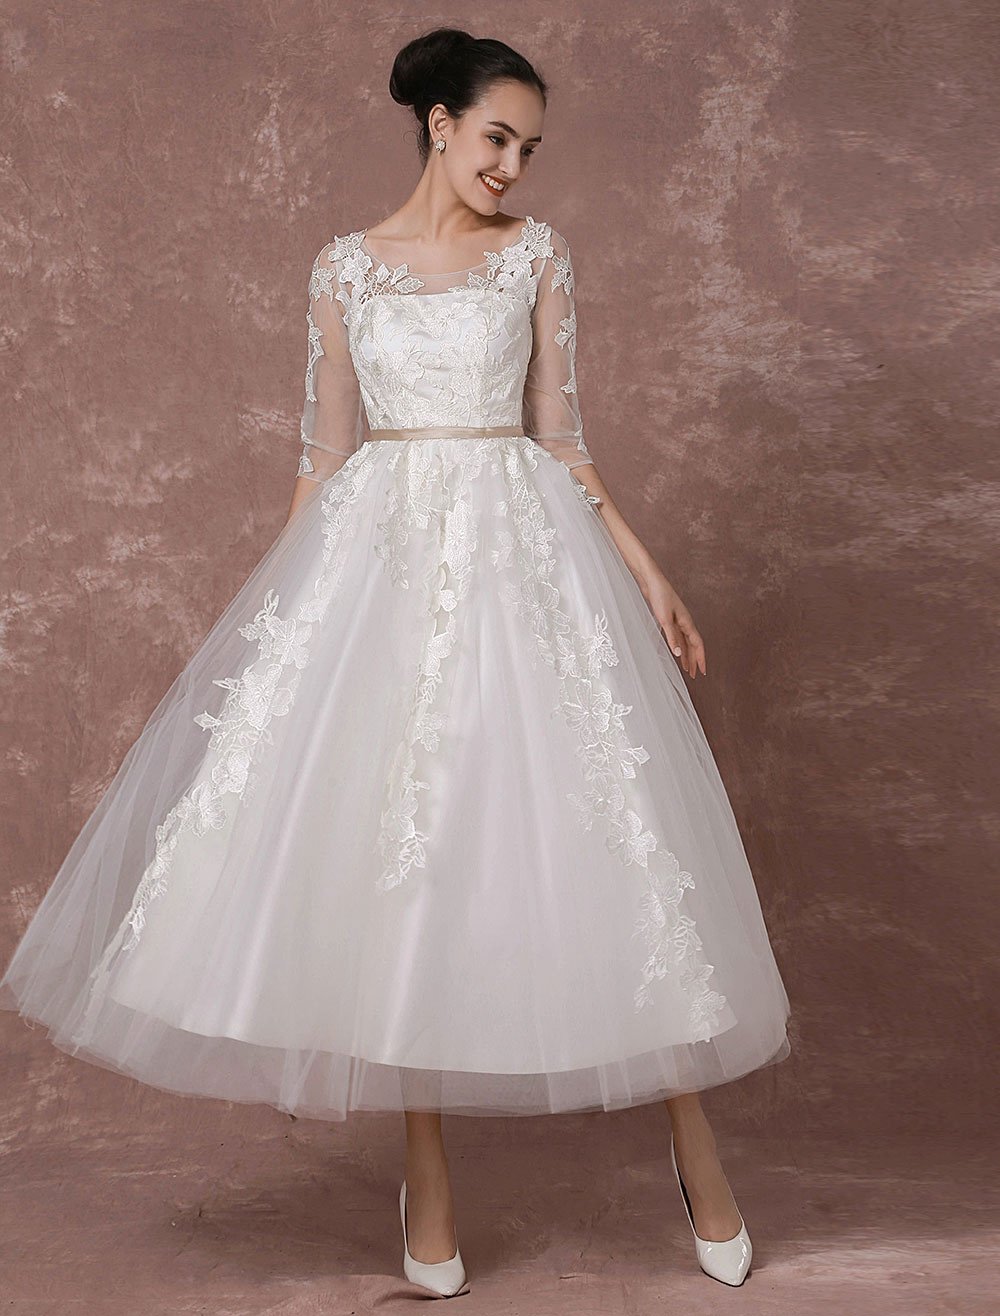 Summer wedding dresses 2018 vintage short bridal gown for Summer wedding dresses with sleeves